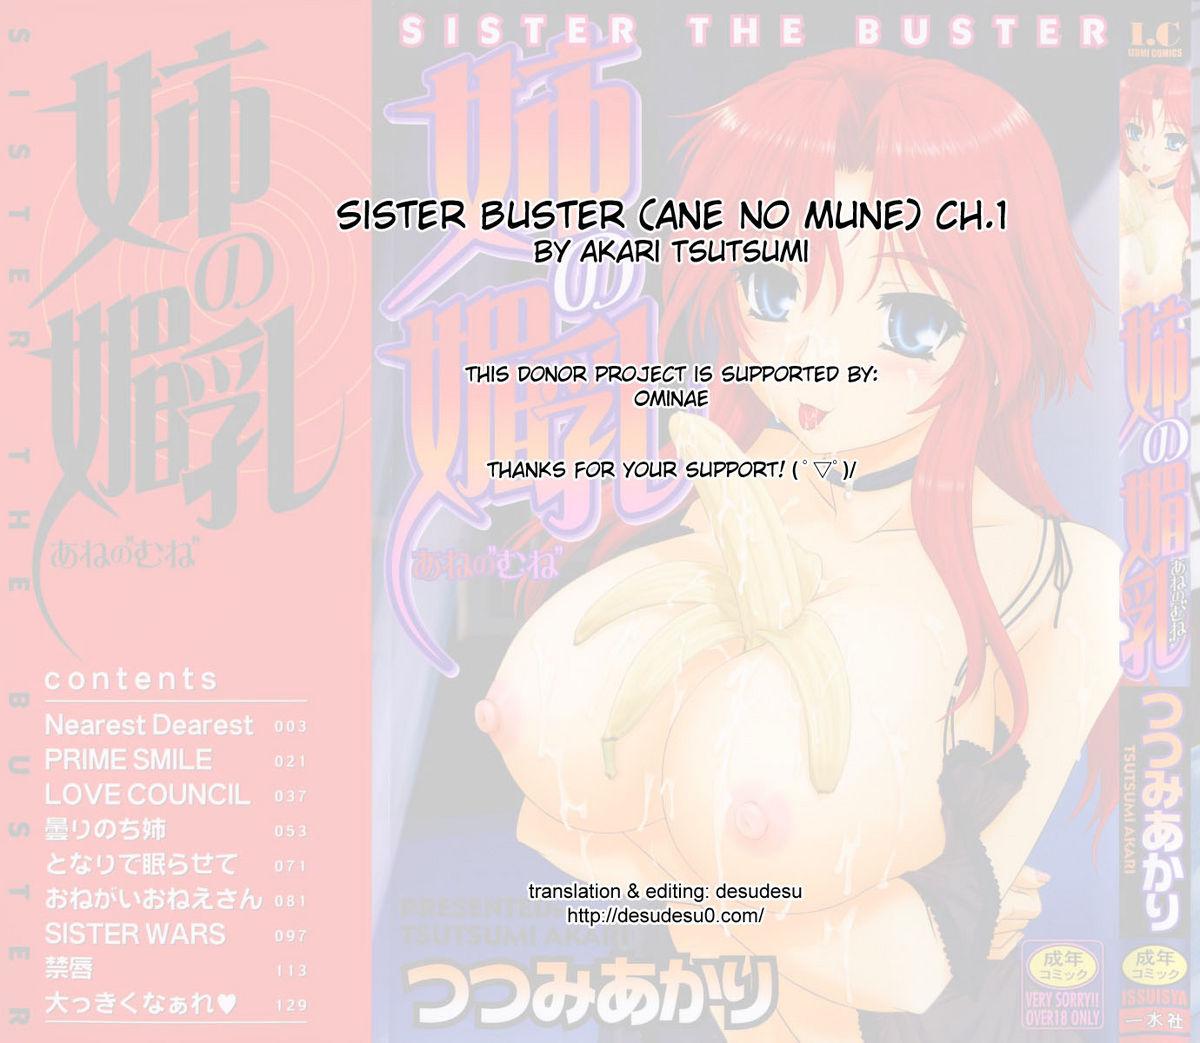 พี่สาวทรงโต - P.69